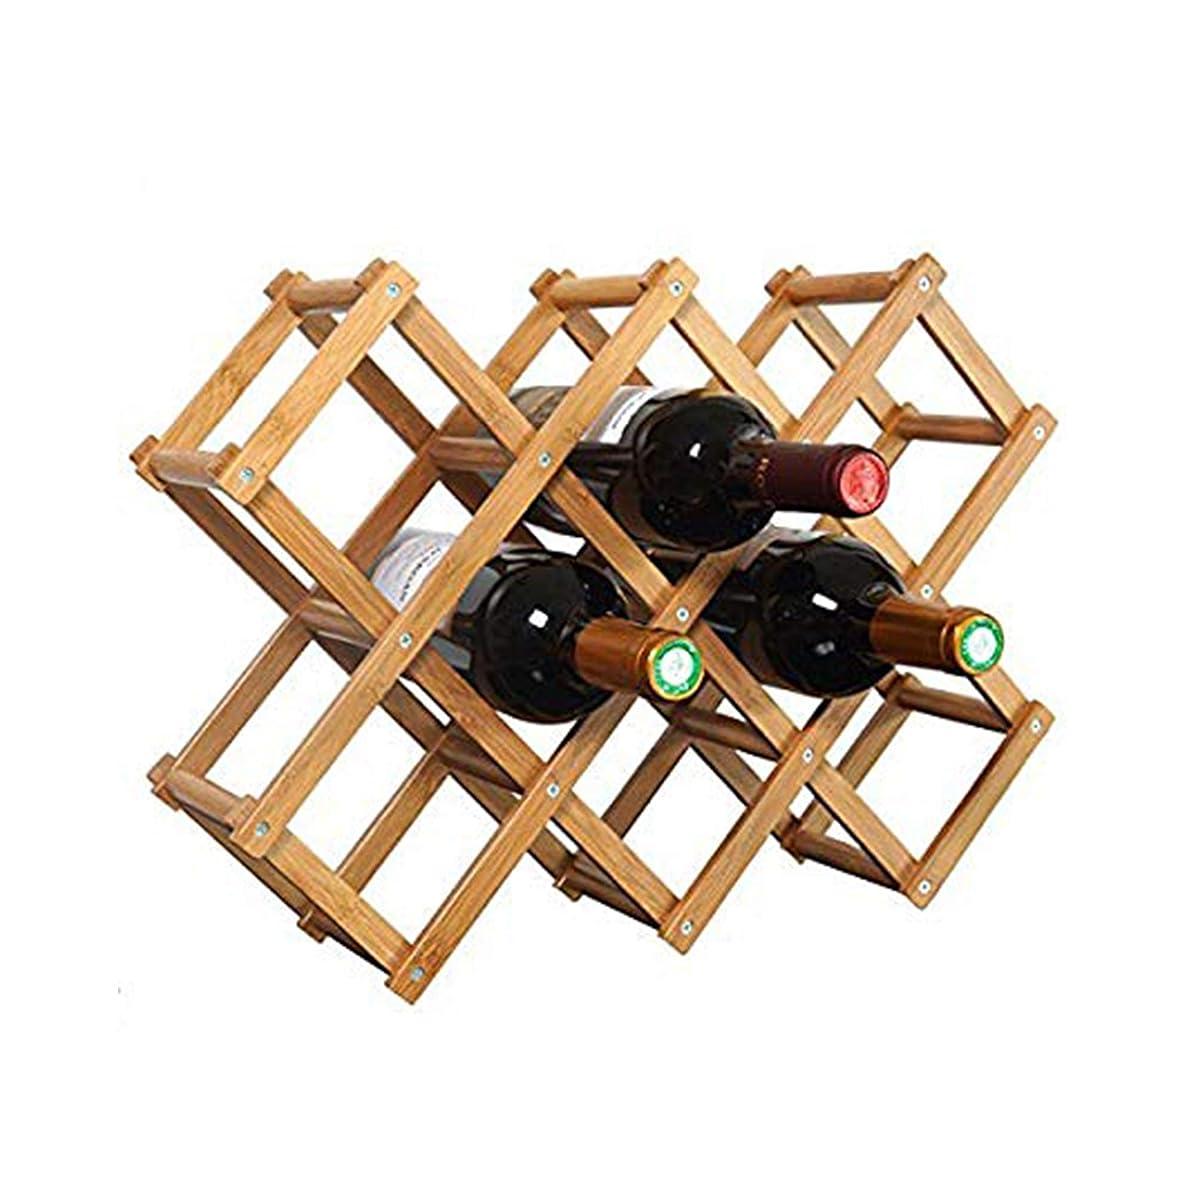 Foldable Wooden Wine Bottle Holder - Natural Wine Shelves - 10 Wine Bottle Storage Slots, Wine Rack (10 Bottle Slots)